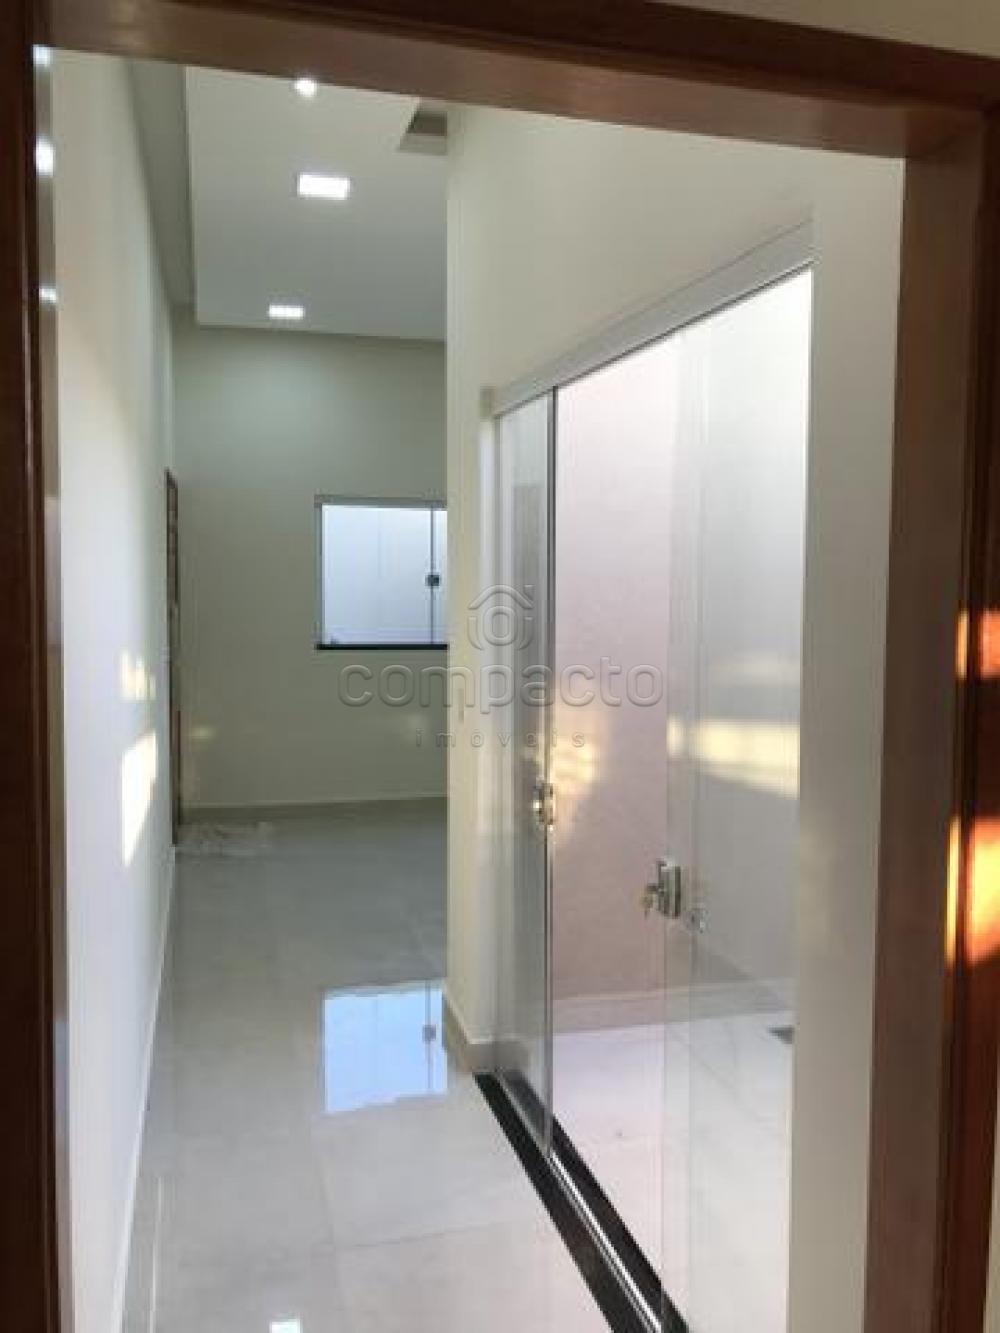 Comprar Casa / Padrão em Bady Bassitt apenas R$ 215.000,00 - Foto 4